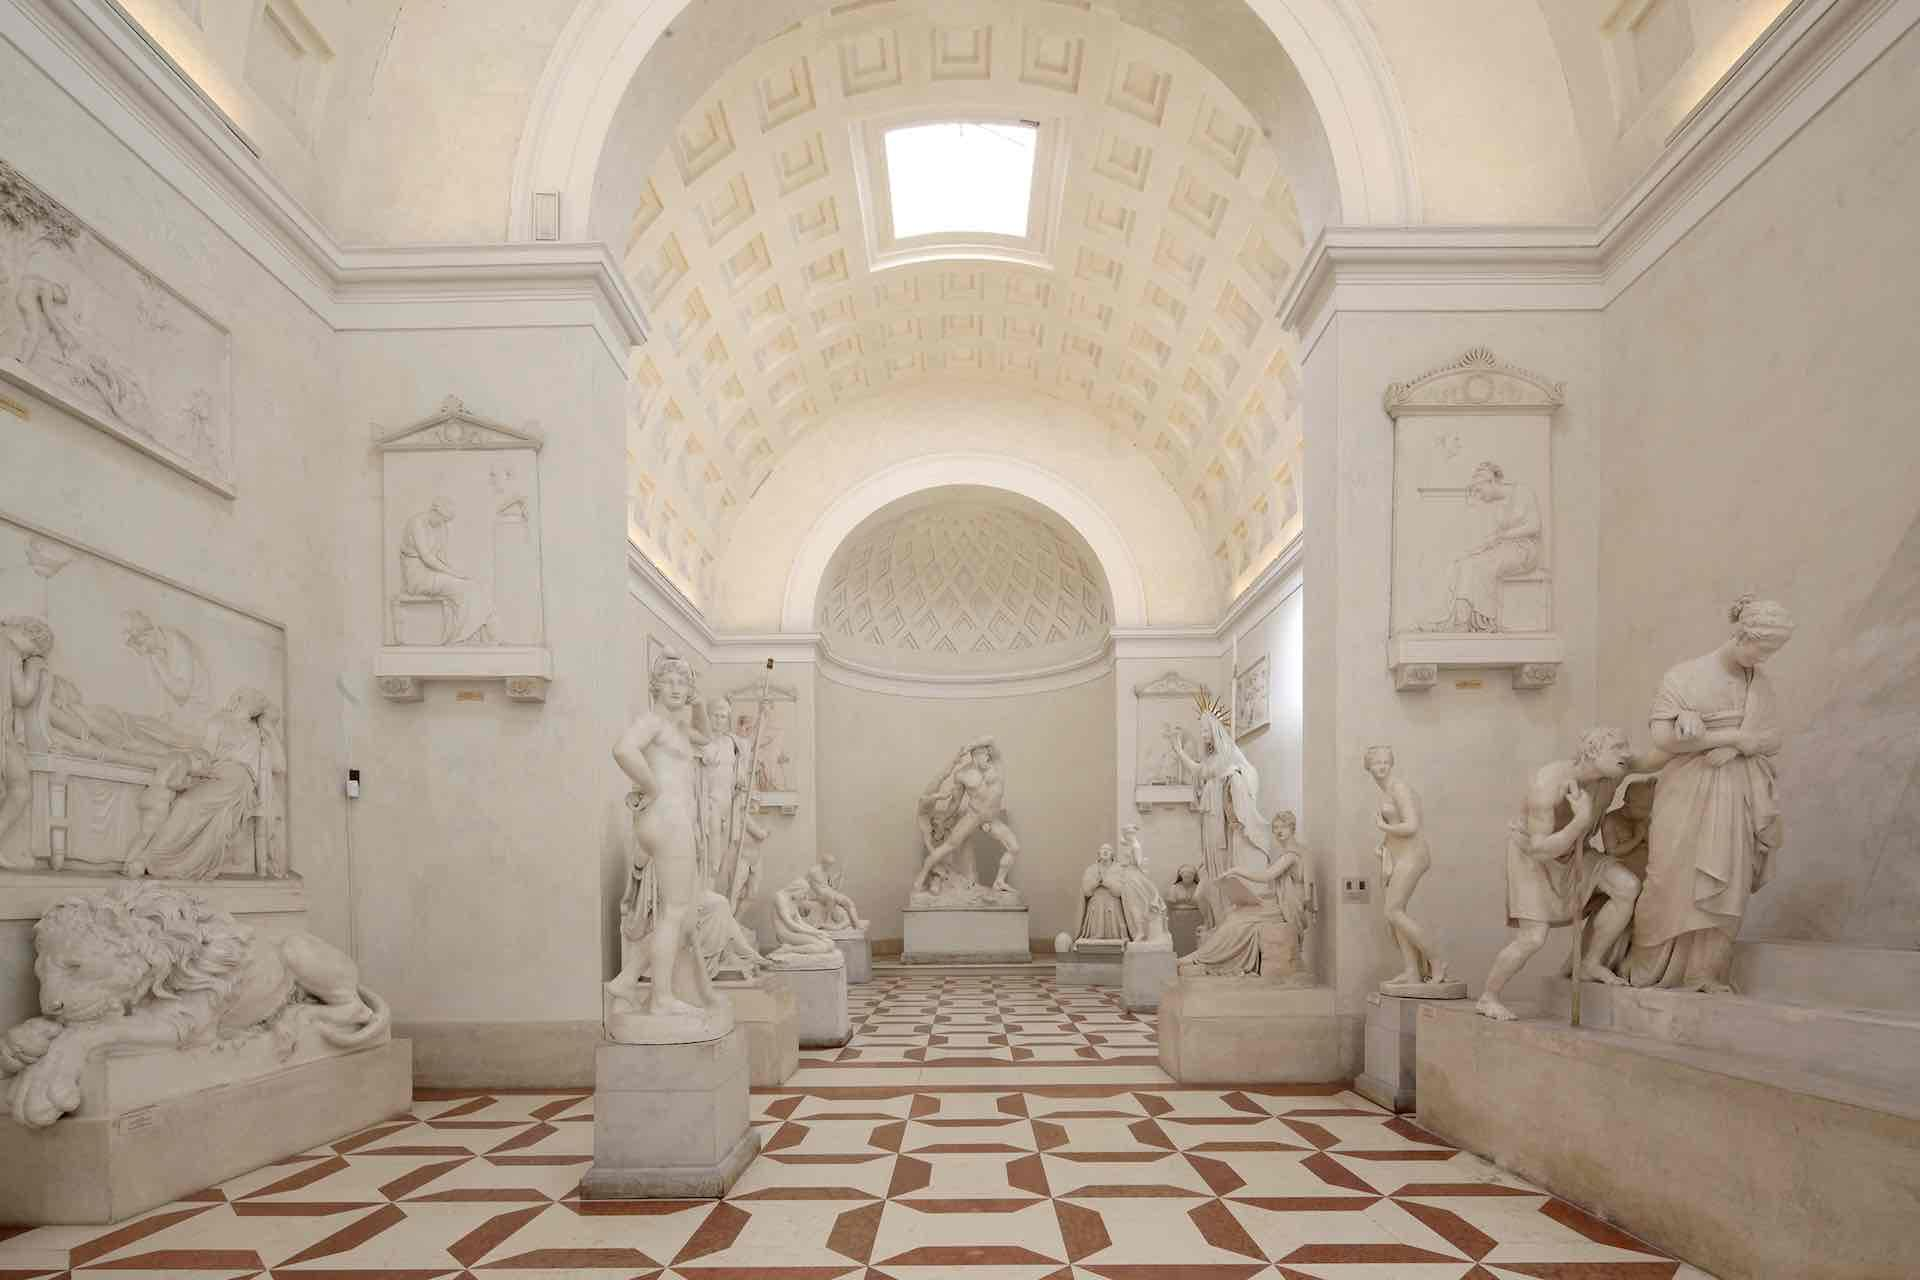 Il tempio di Antonio Canova a Possagno sulle Colline del Prosecco in Veneto